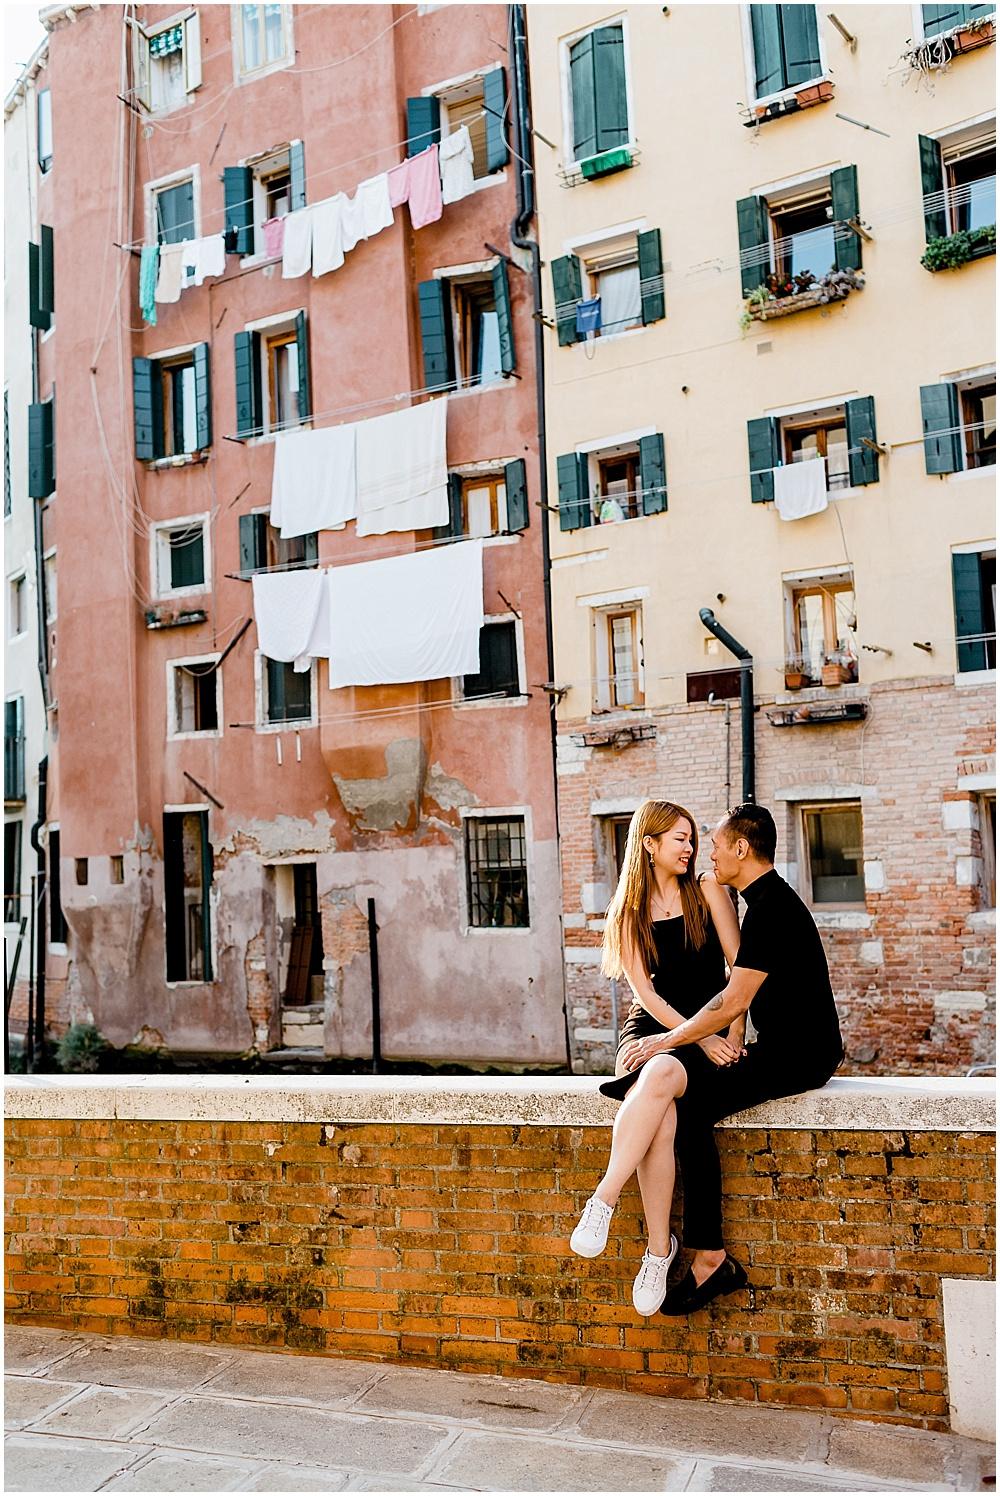 Venice-italy-wedding-photographer-stefano-degirmenci_0101.jpg